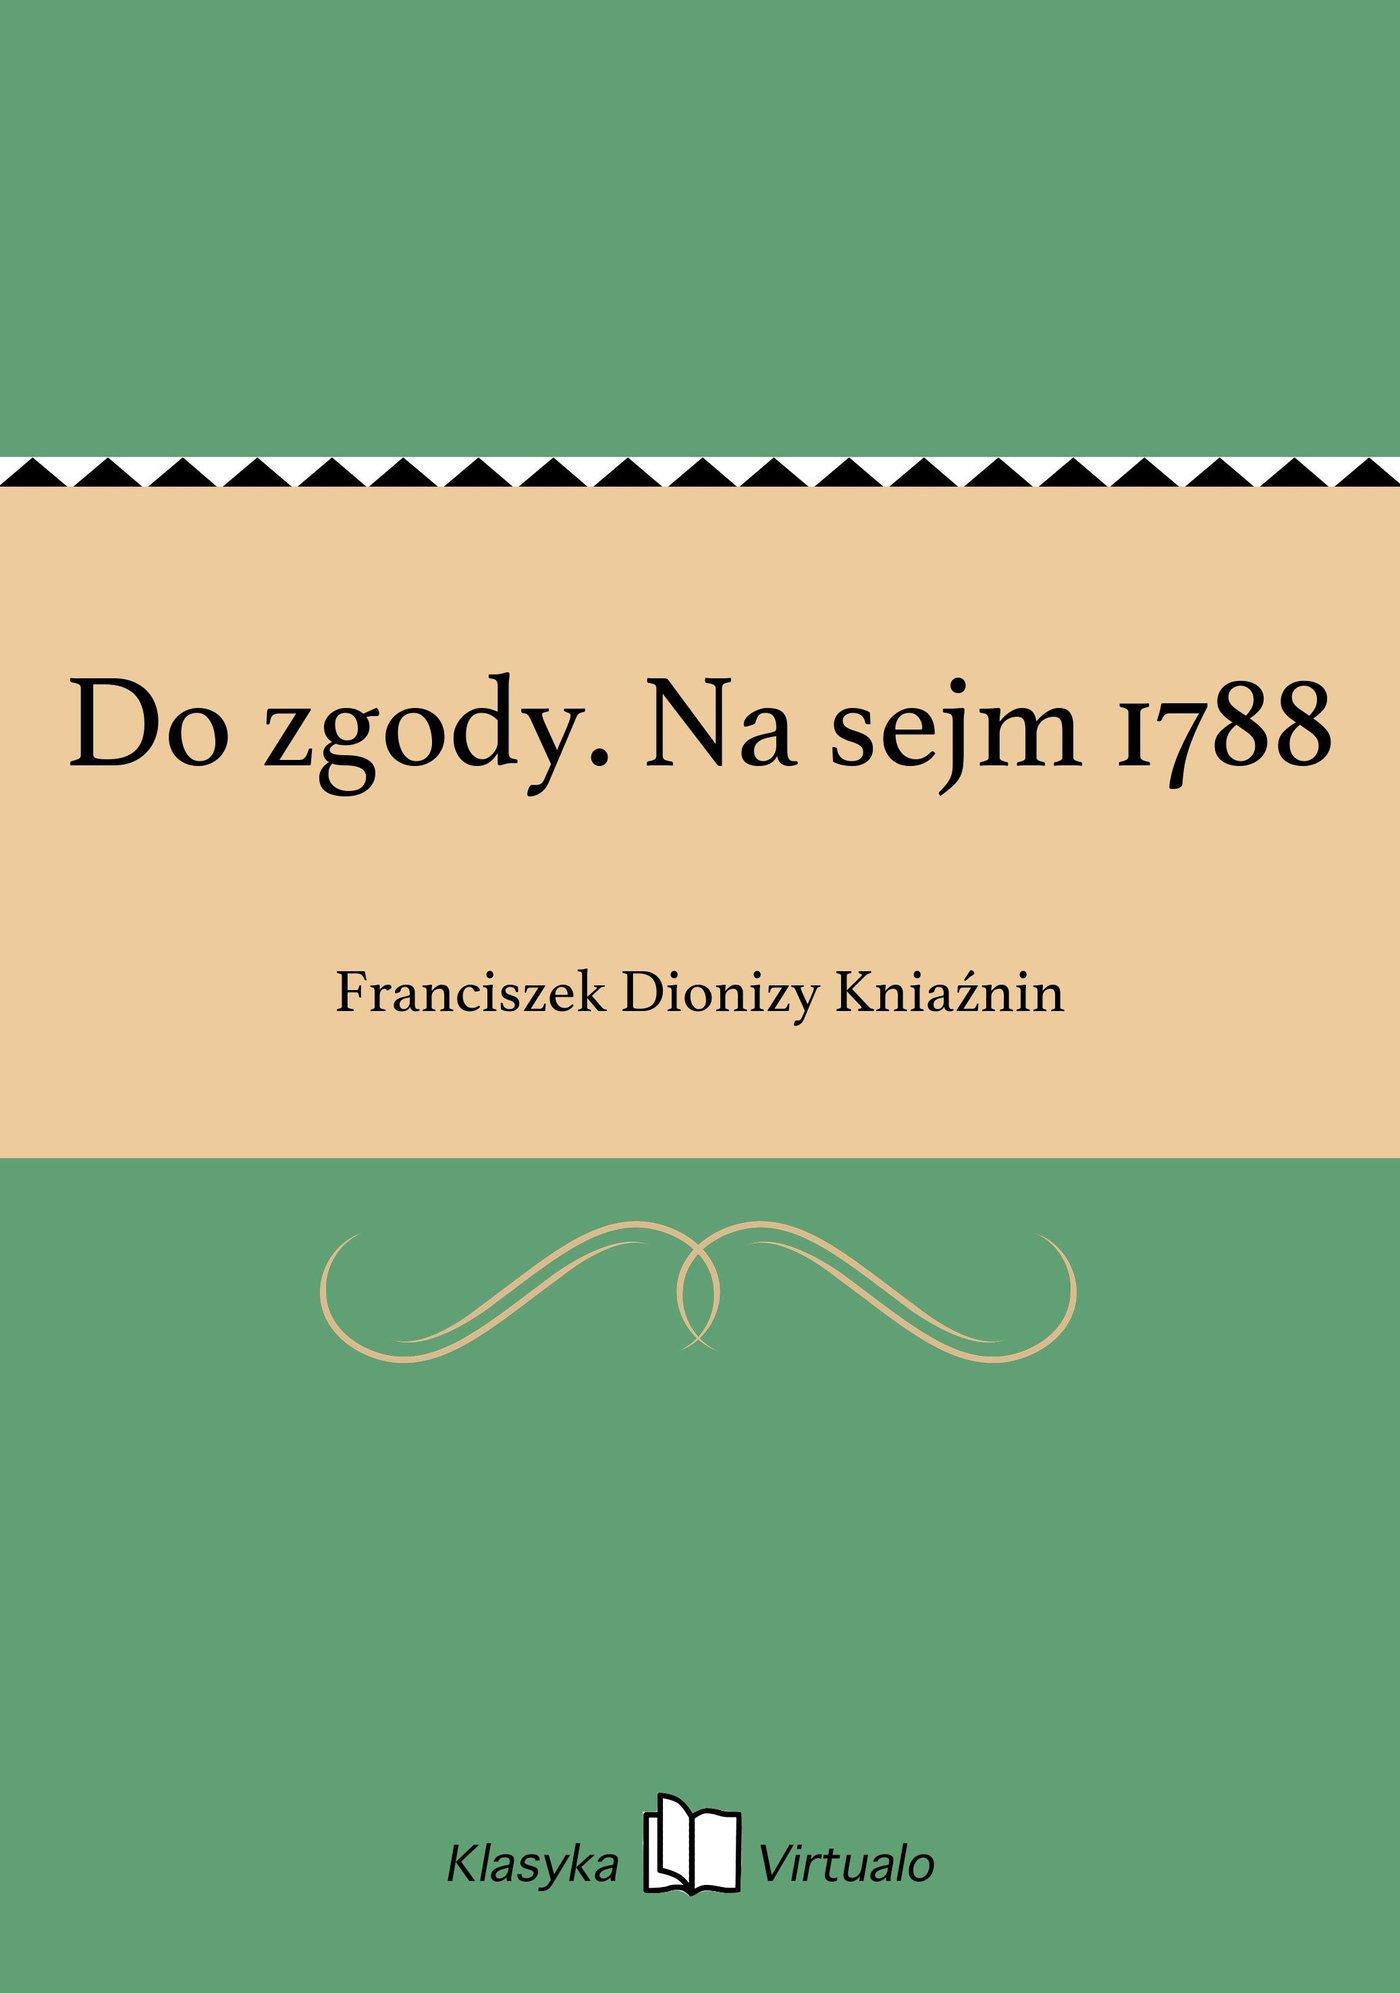 Do zgody. Na sejm 1788 - Ebook (Książka EPUB) do pobrania w formacie EPUB